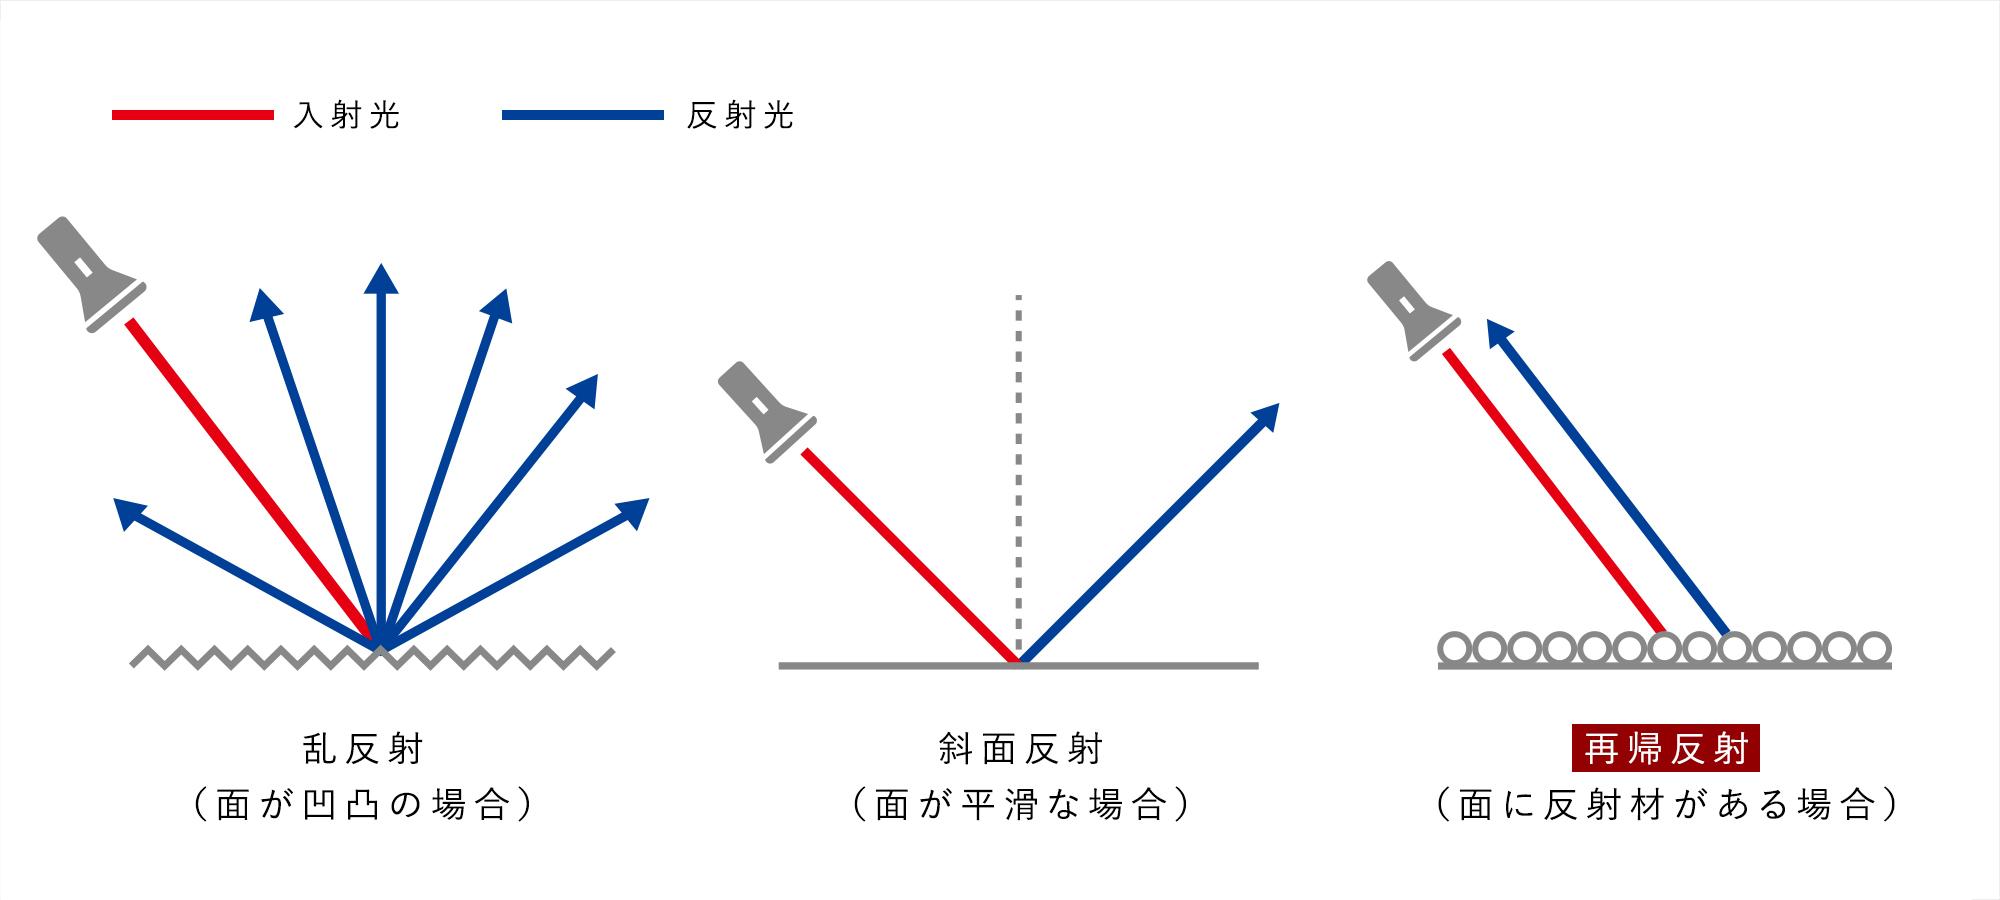 乱反射 斜面反射 再帰反射の図